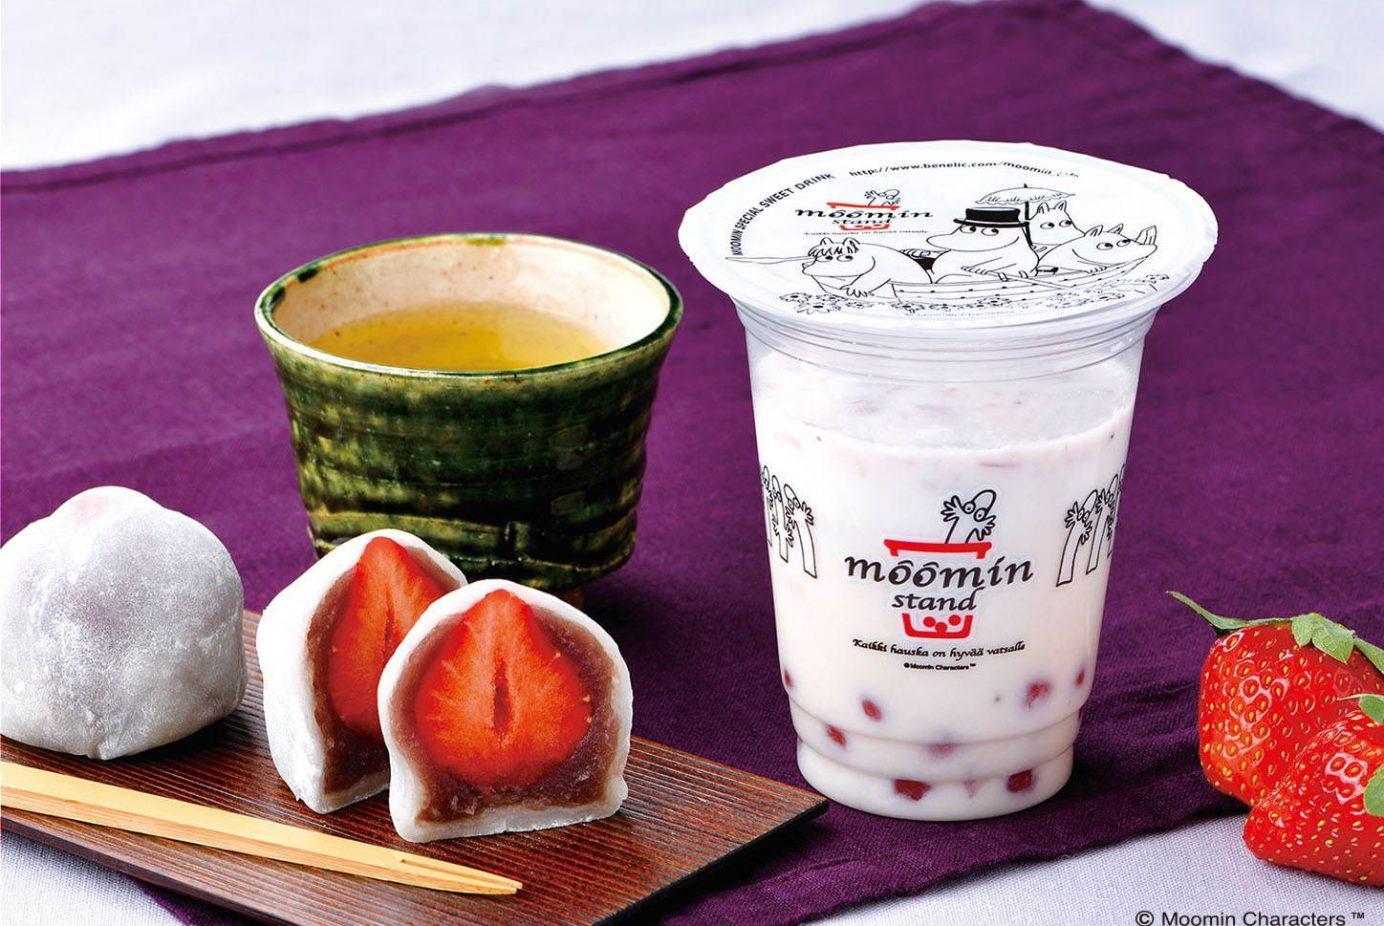 【草莓鮮奶新口味】東京淺草「Moomin stand」新開幕,期間限定大福Q彈珍珠你喝過了嗎?